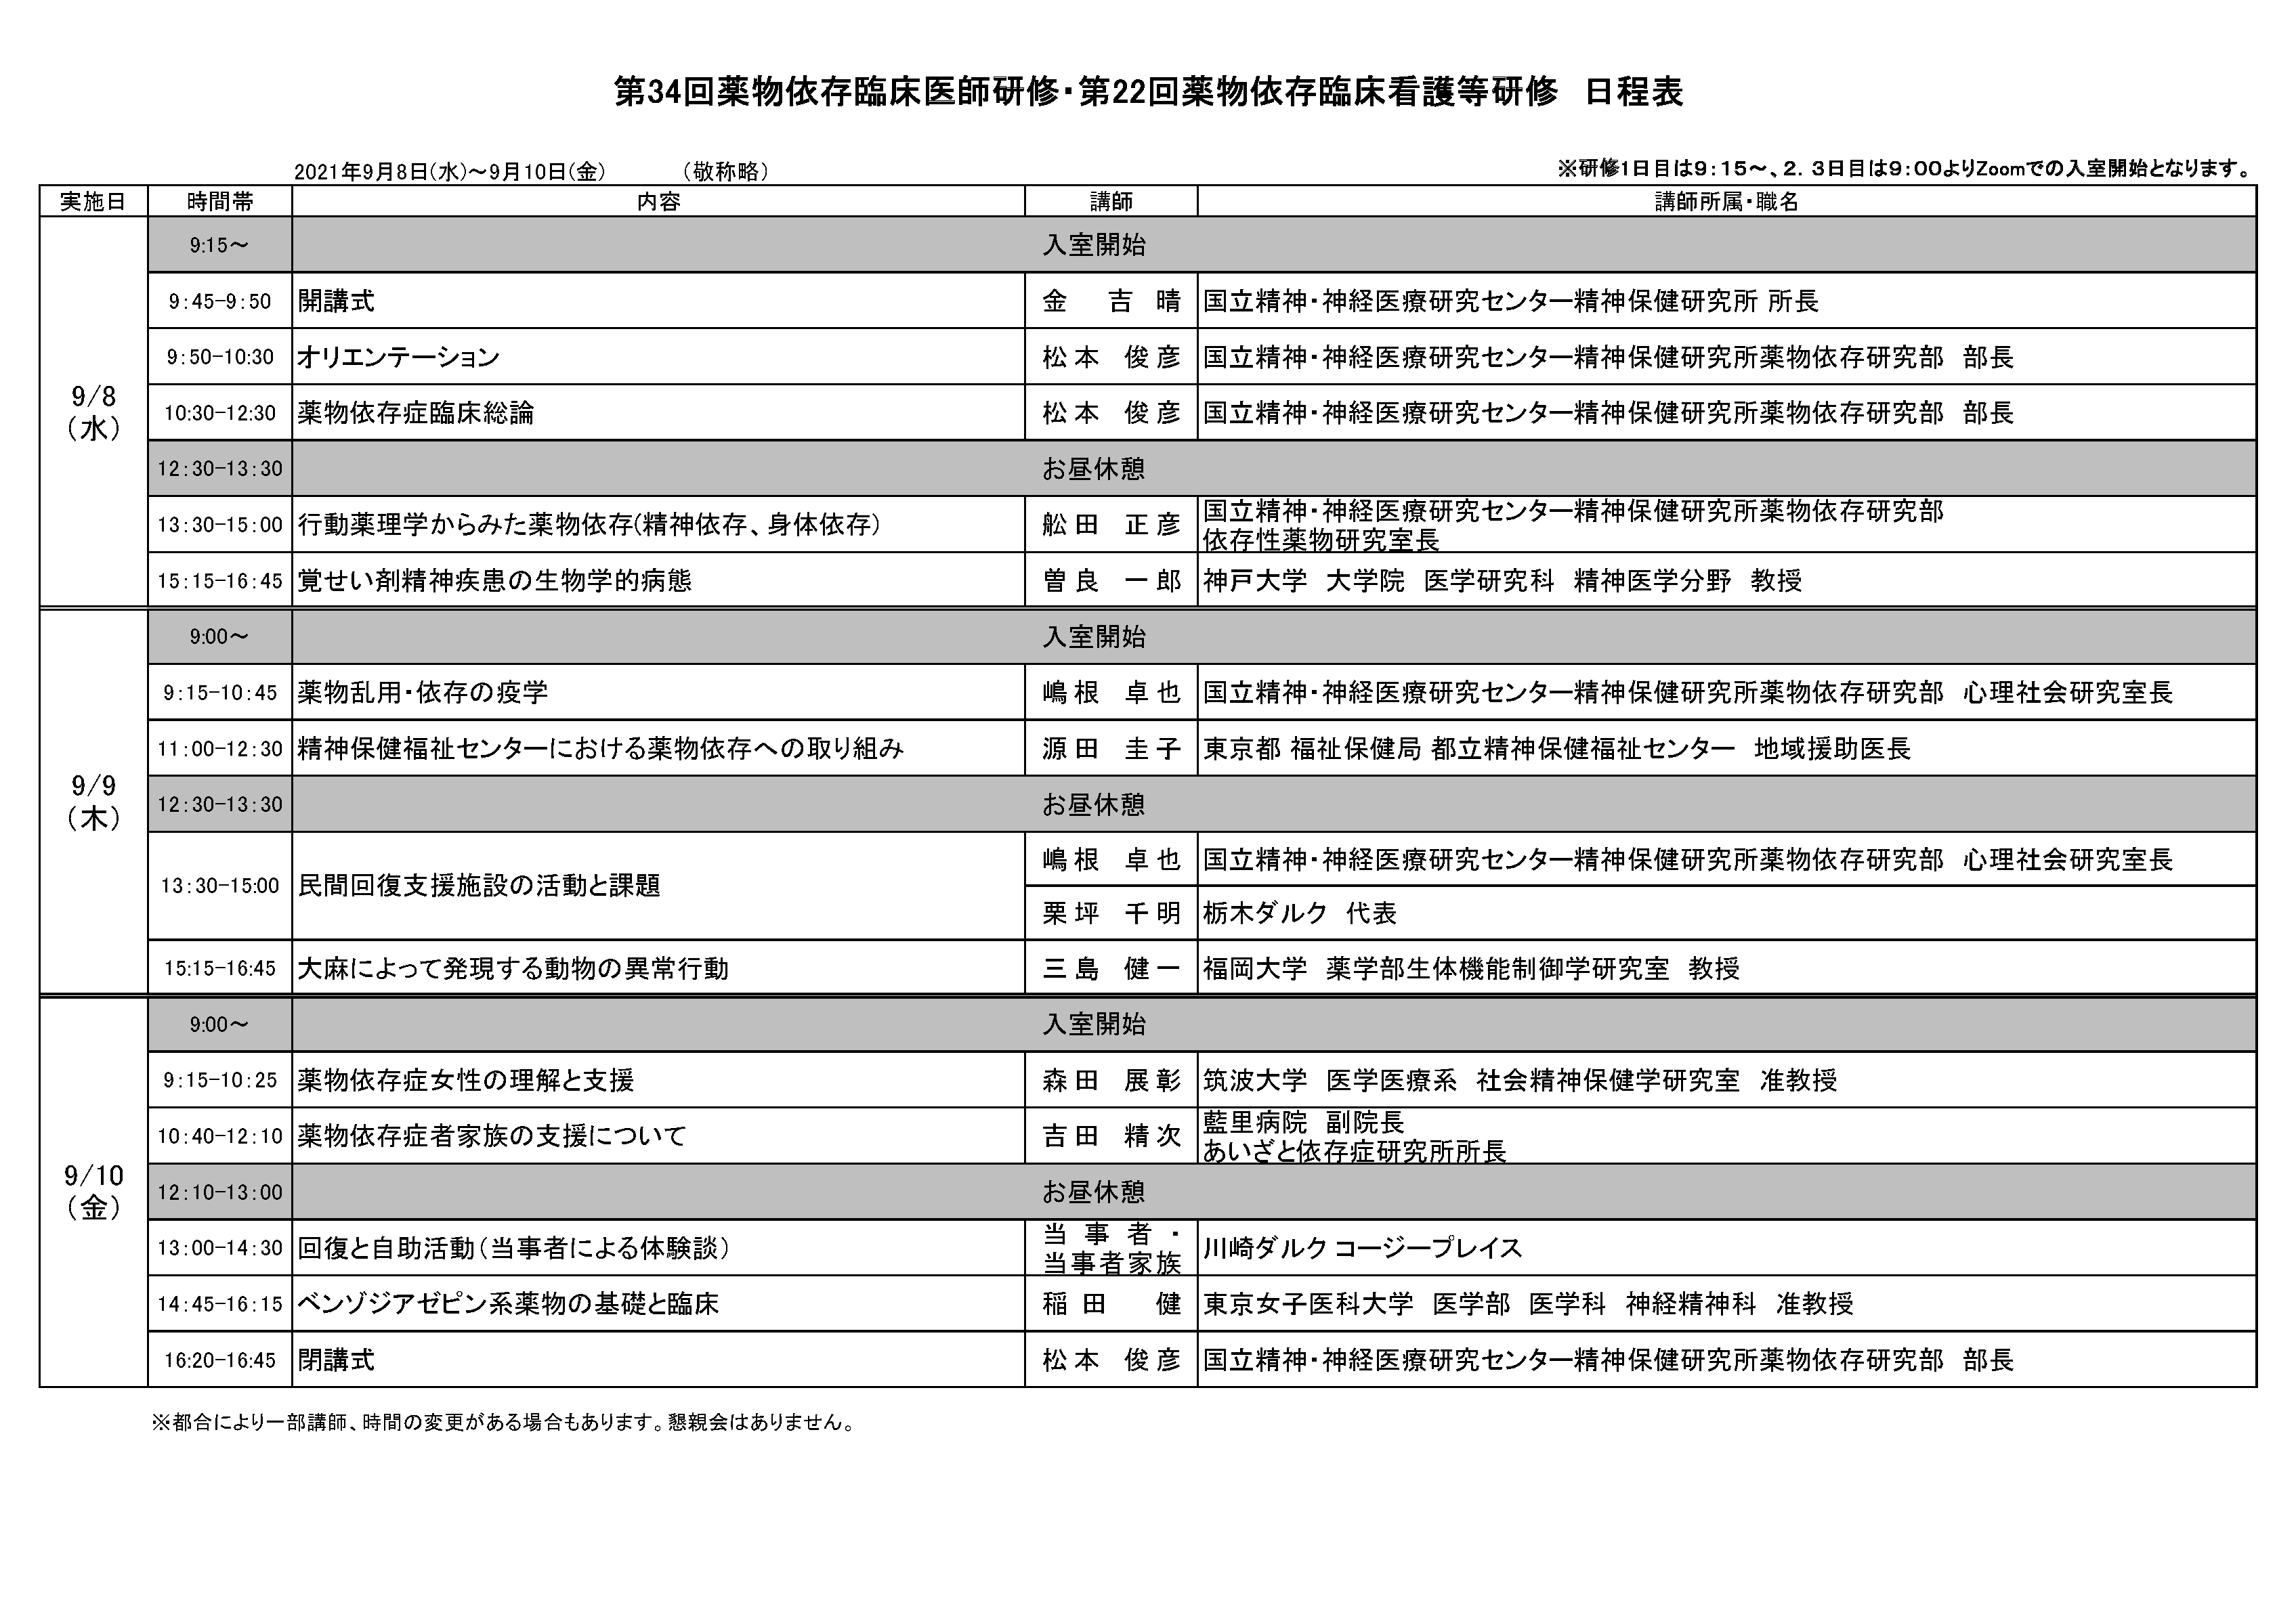 プログラム_薬物依存臨床医師看護研修.png